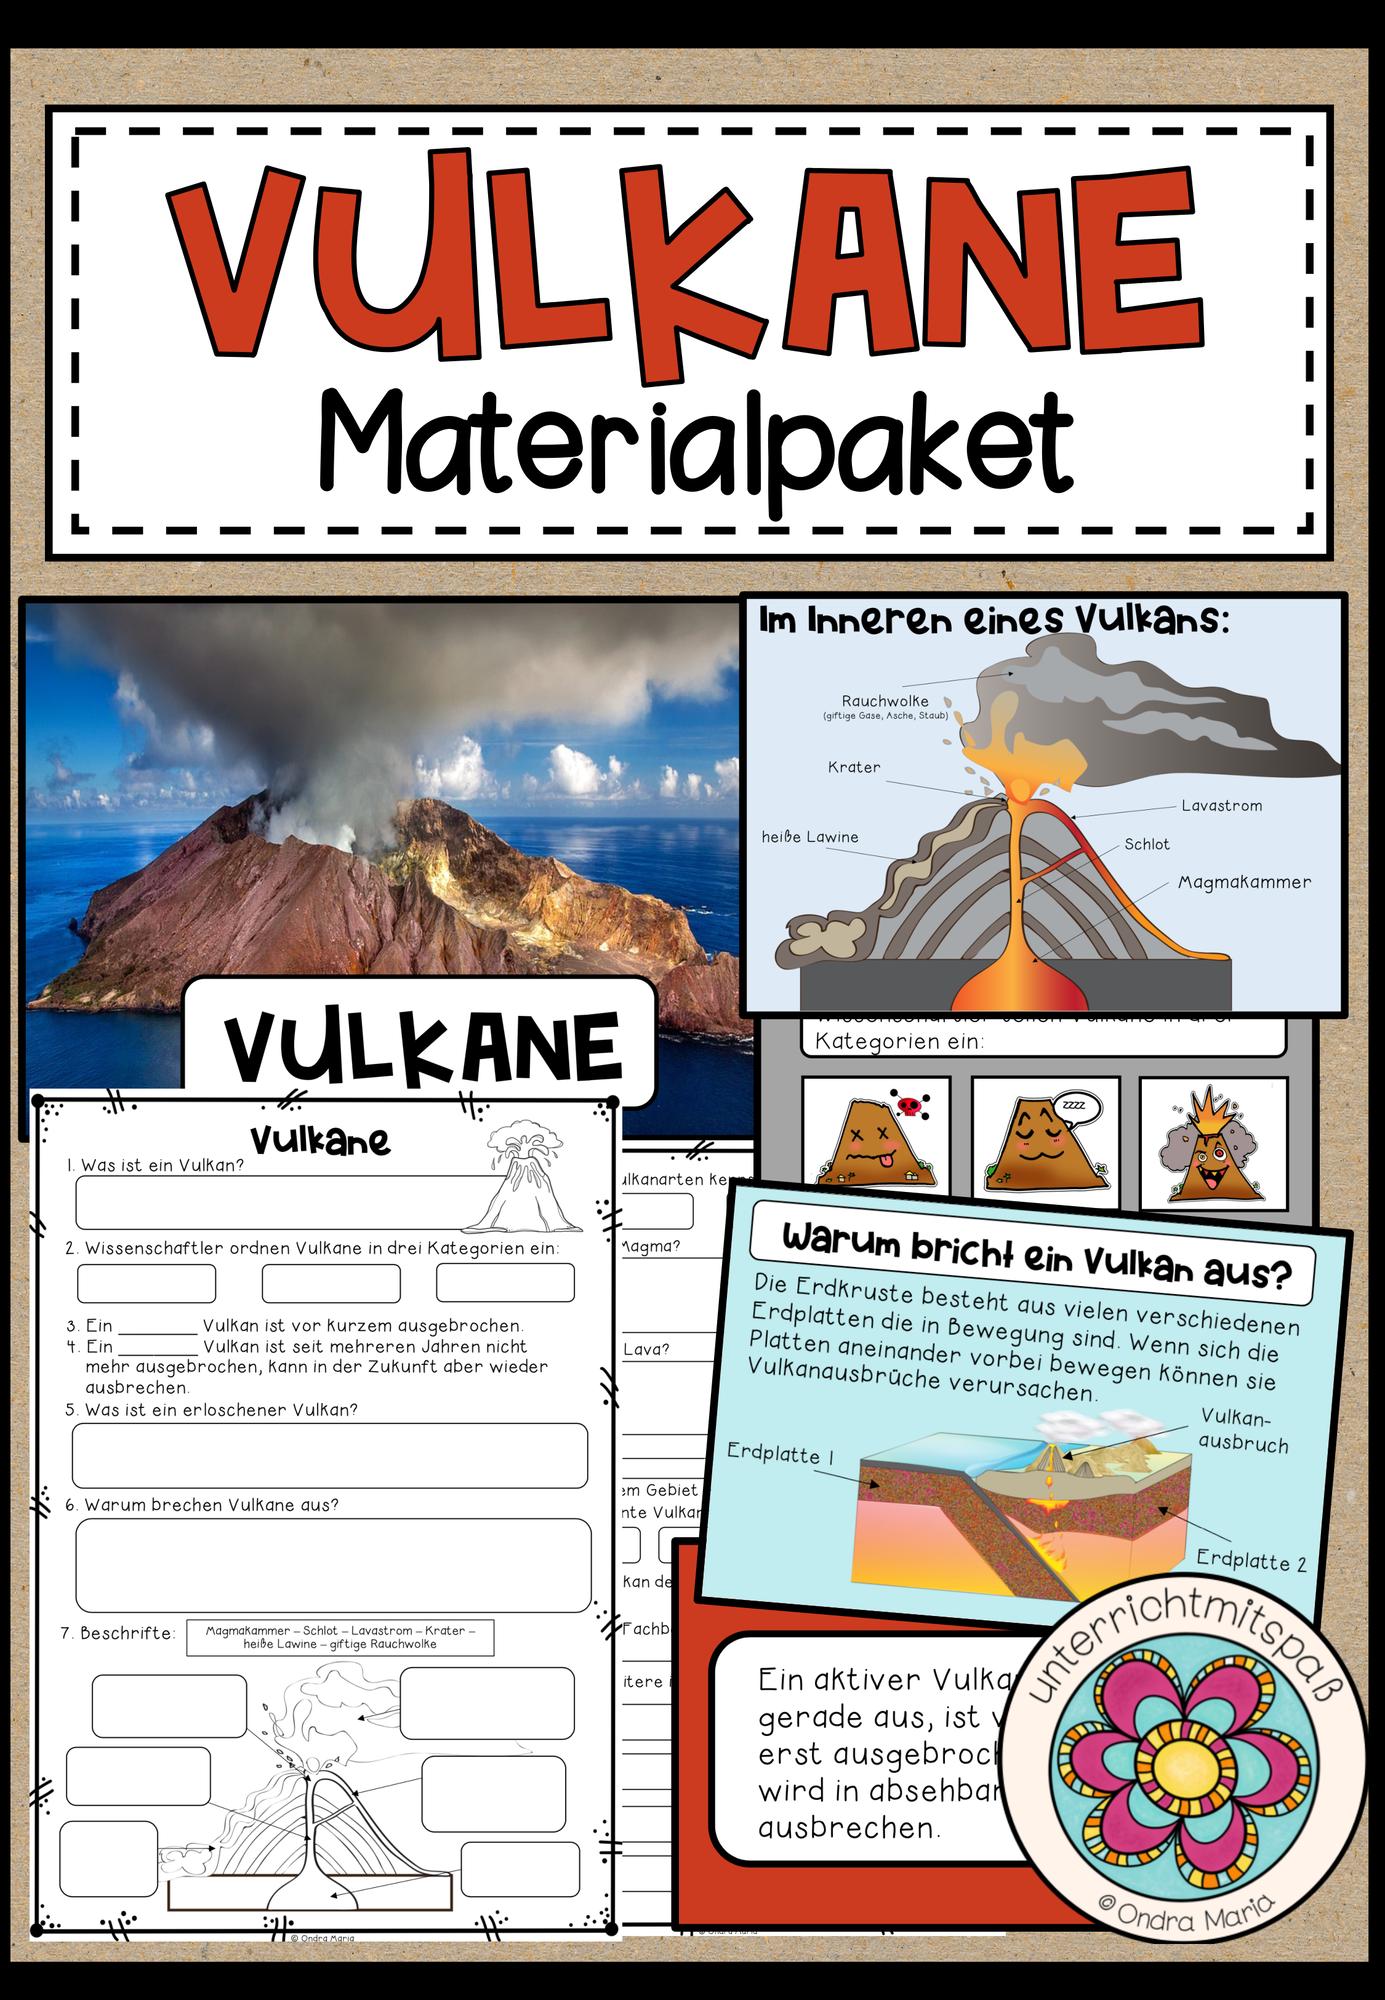 Vulkane Materialpaket Montessori 16 Fact Cards 6 Arbeitsblatter 24 Prasentationsfolien Experiment Unterrichtsmaterial Im Fach Erdkunde Geographie Unterrichten Erdkunde Unterrichtsmaterial